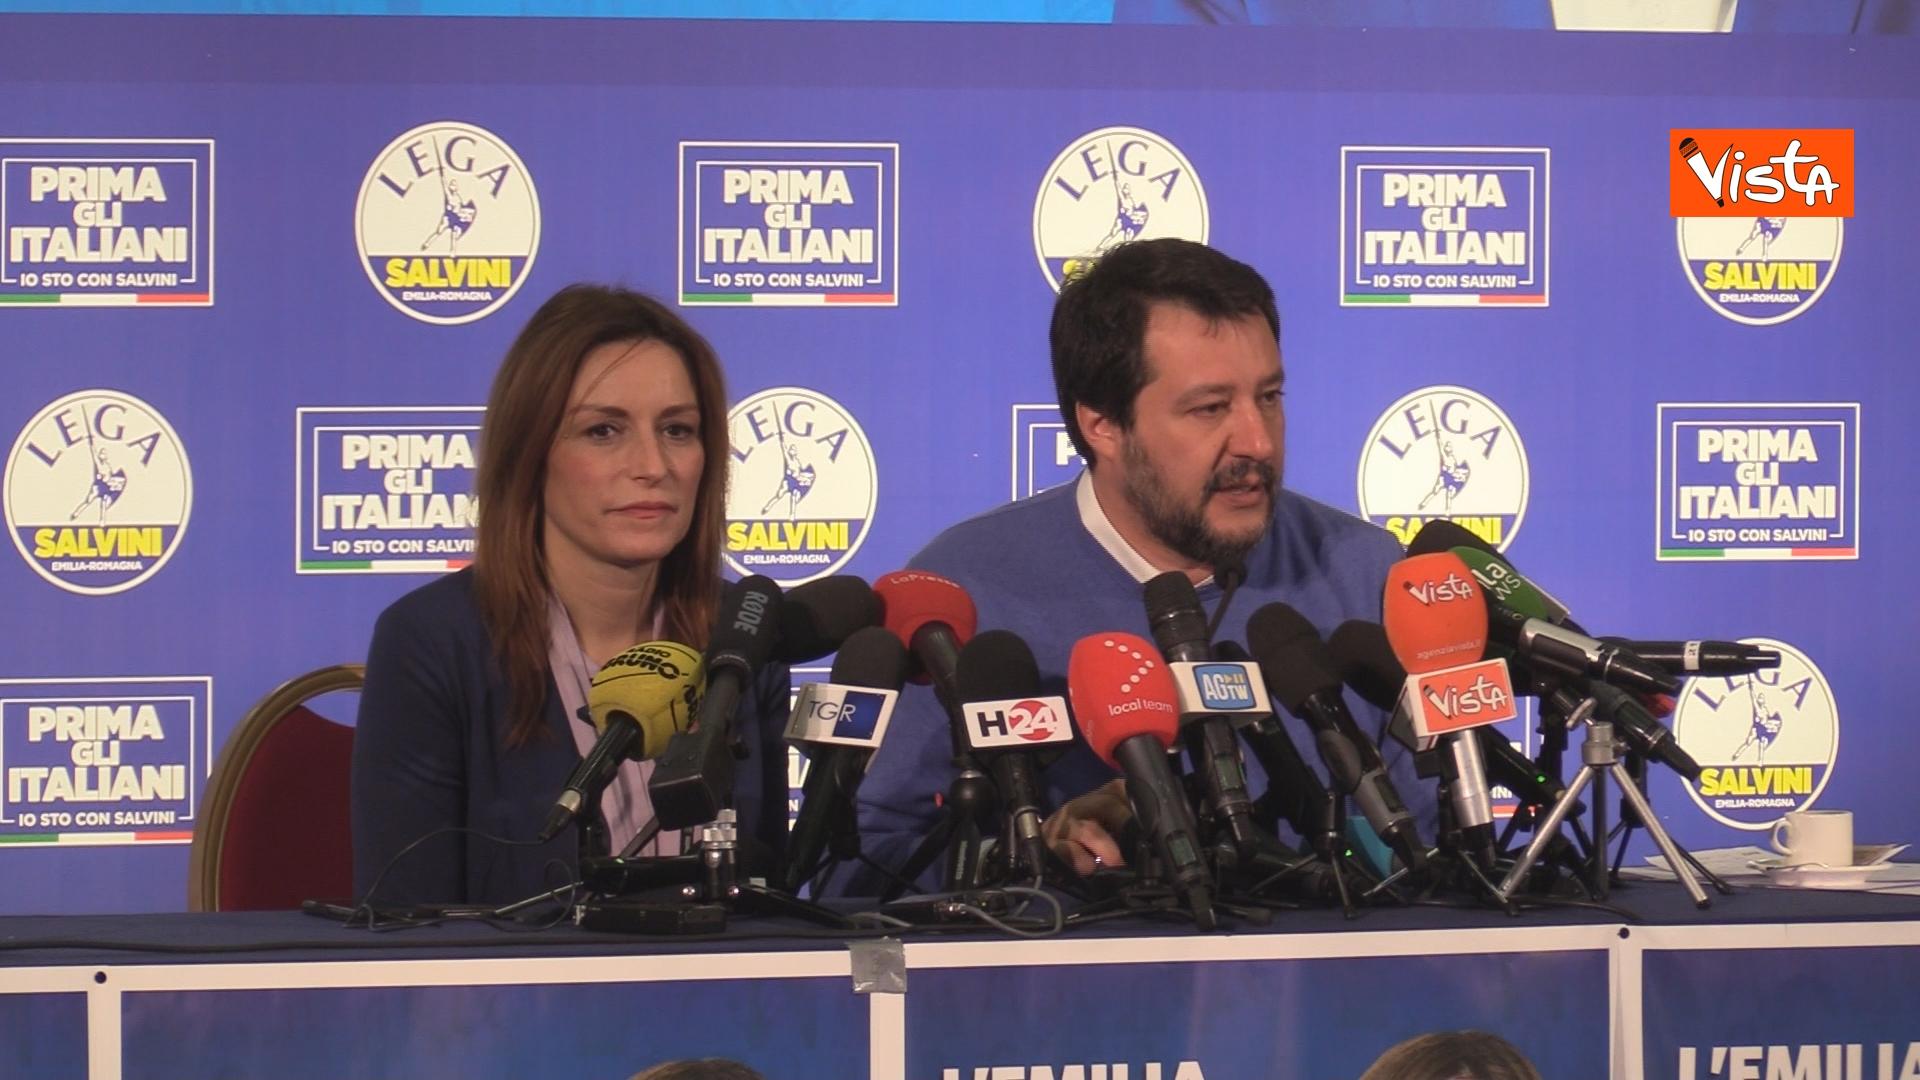 27-01-20 Salvini e Borgonzoni in conferenza stampa sul risultato del voto in Emilia-Romagna, le immagini_07